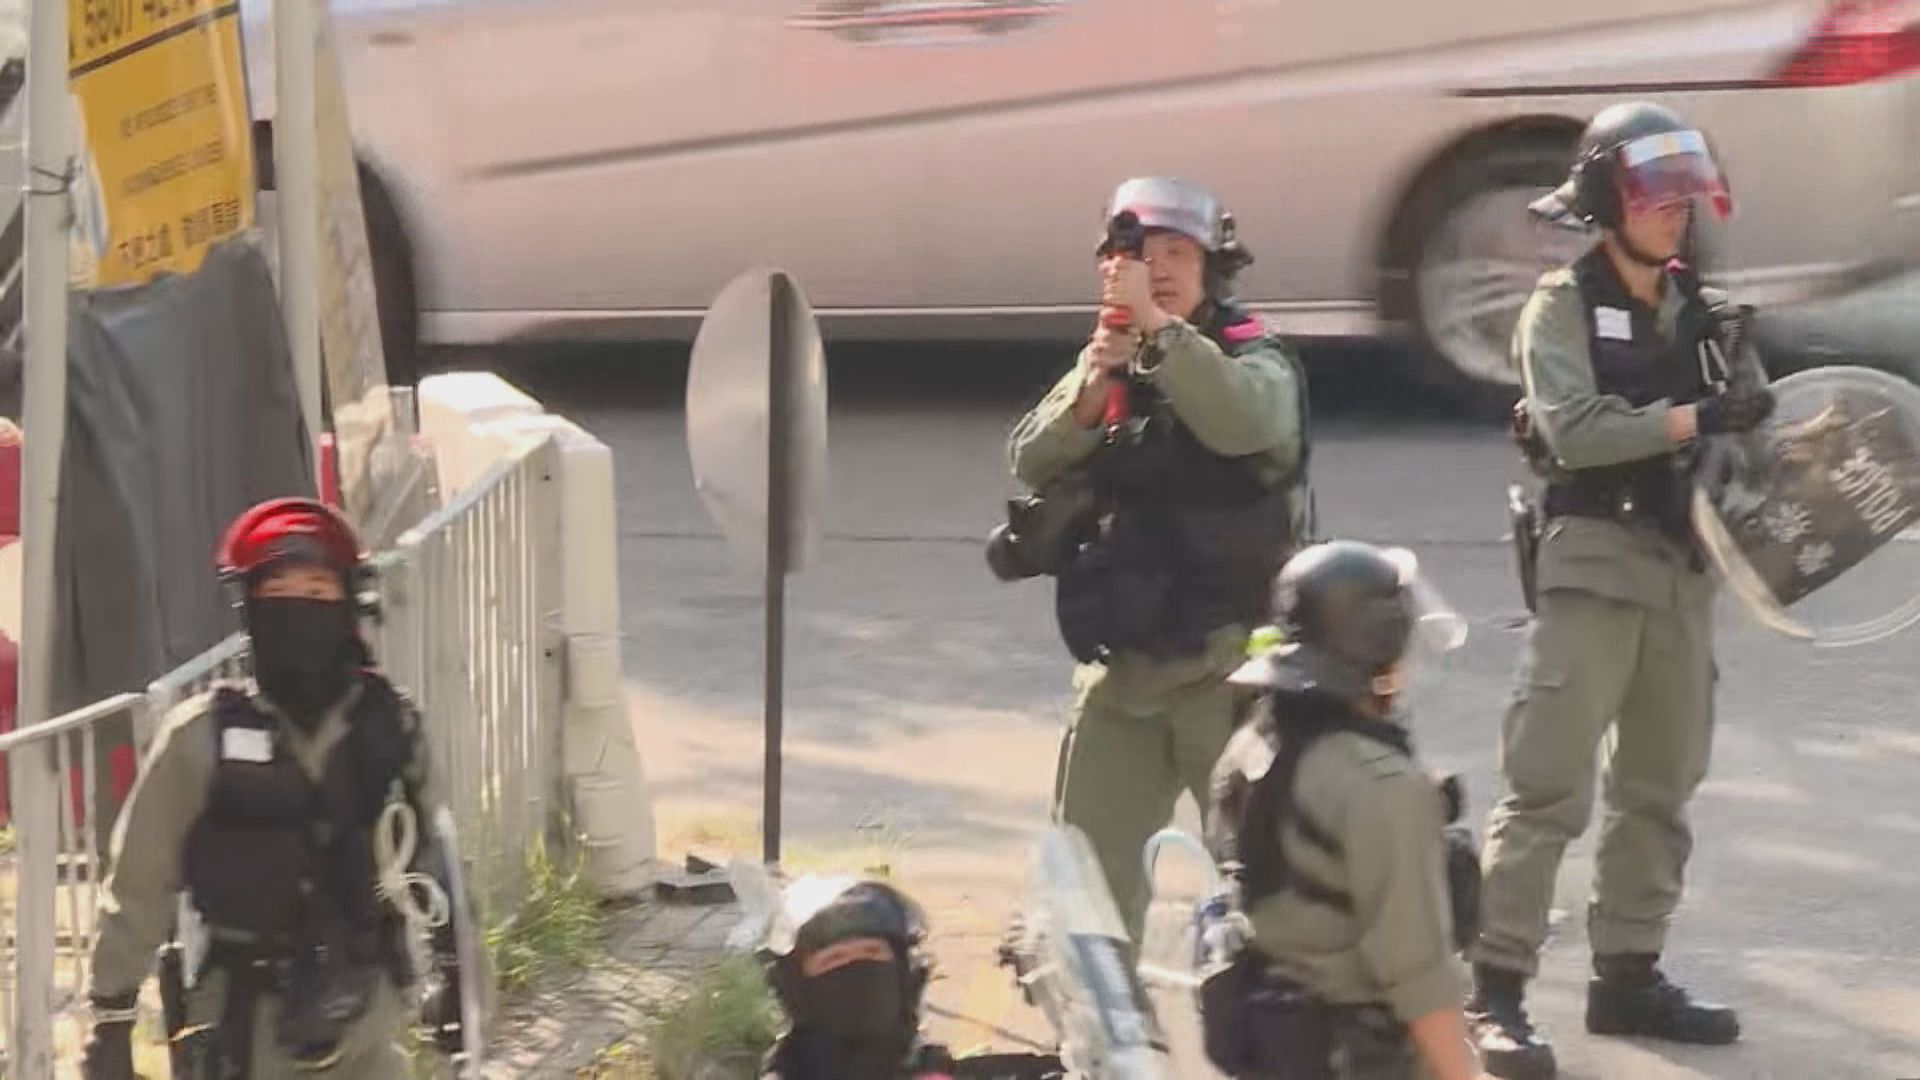 屯門有人集結 警員舉藍旗並一度舉槍戒備